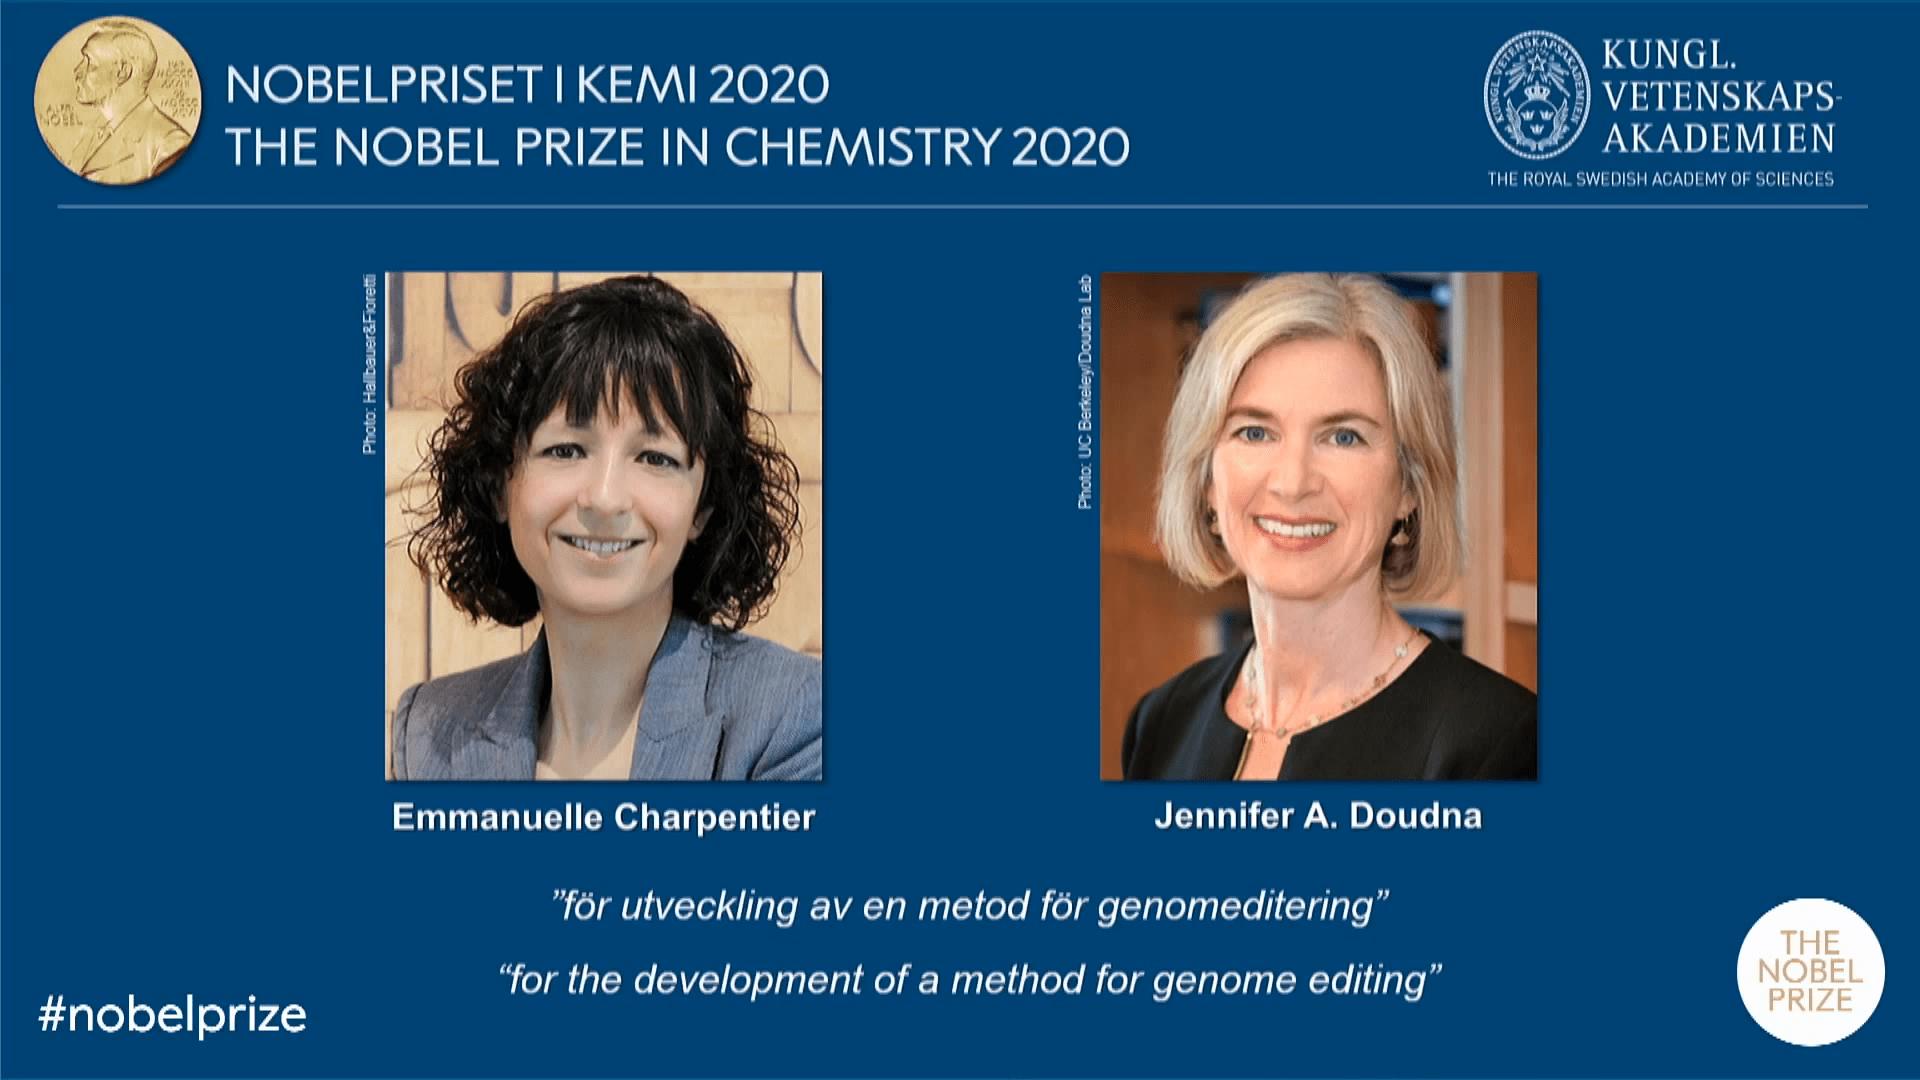 2020 Nobel Prize in Chemistry